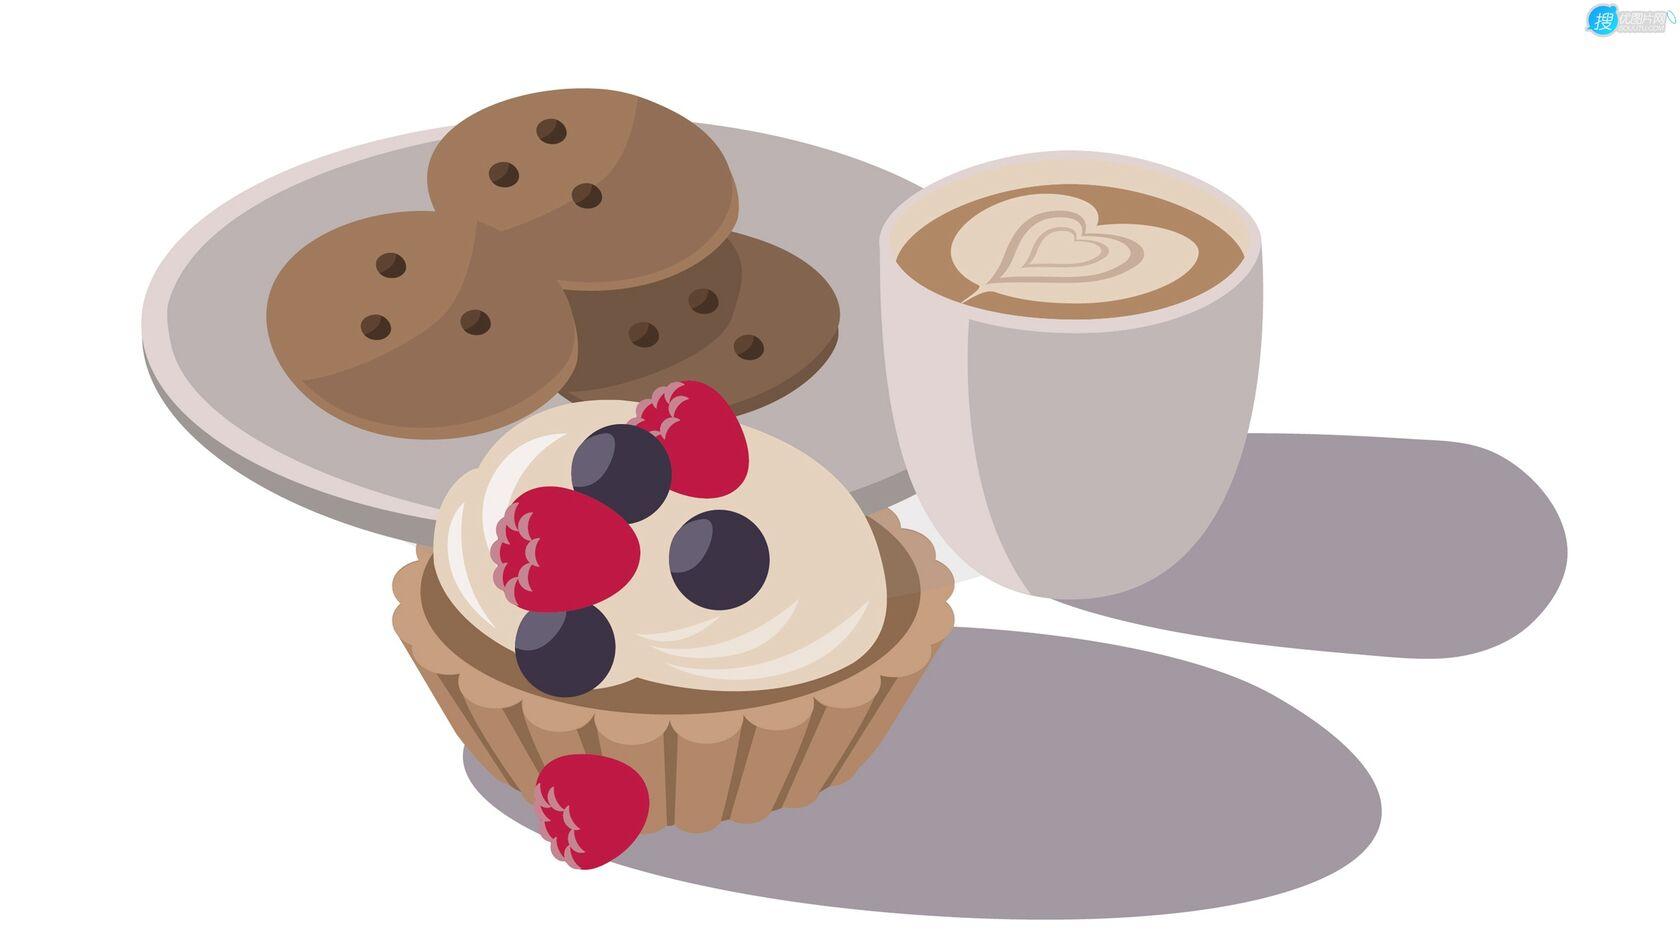 咖啡,面包,水果蛋糕,简约早点,早餐插画壁纸图片